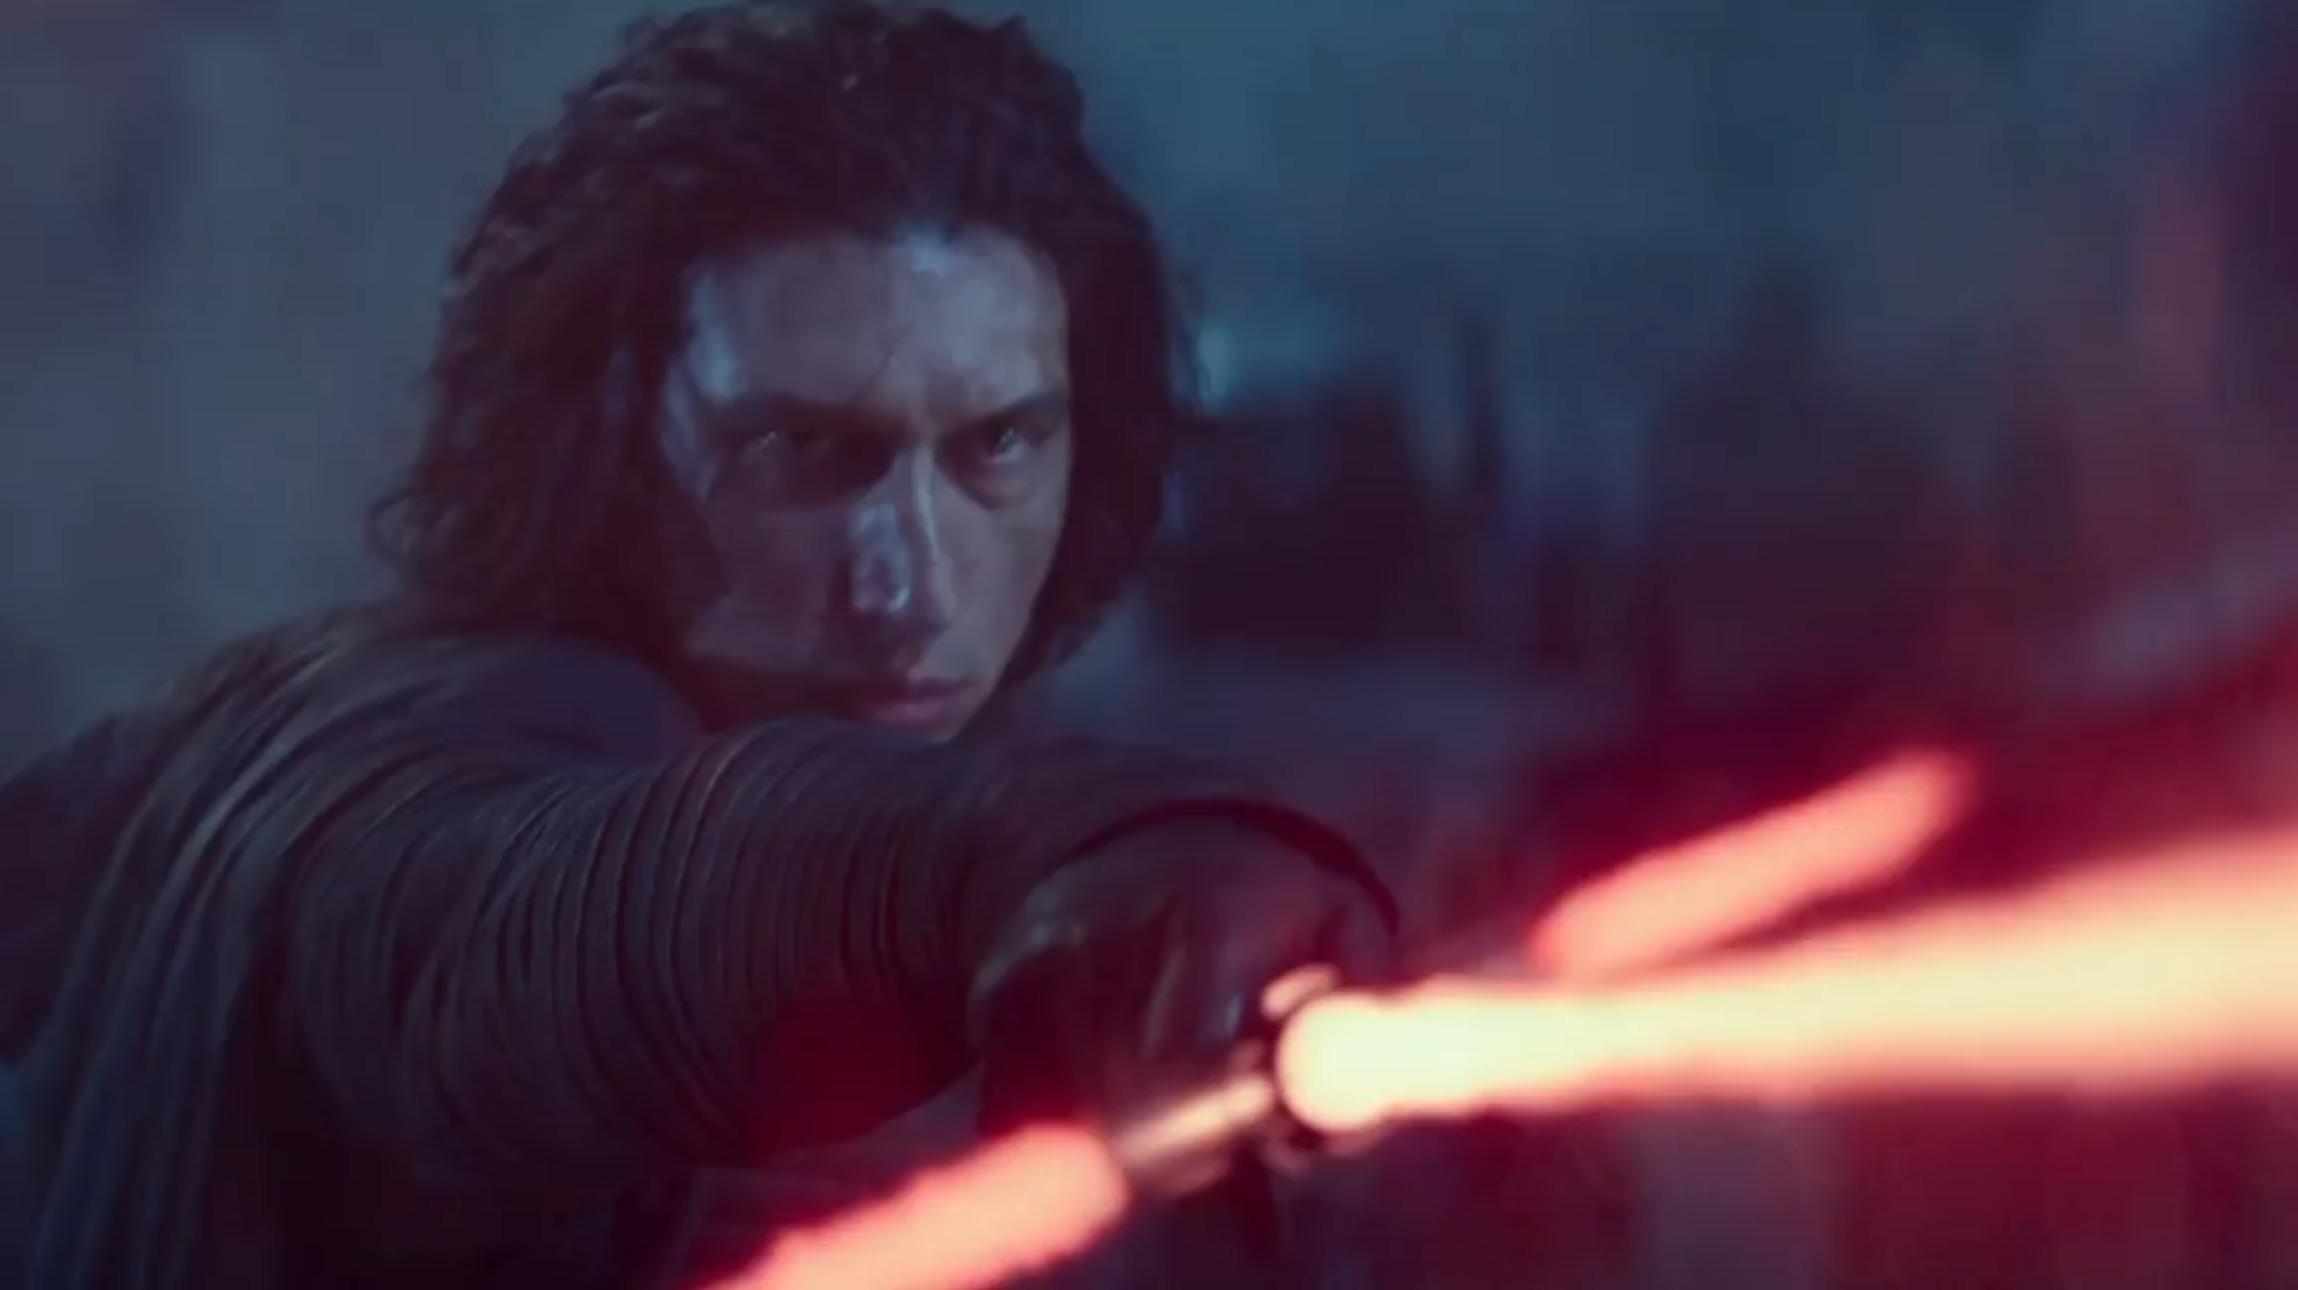 Nuova clip da Star Wars: The Rise of Skywalker!